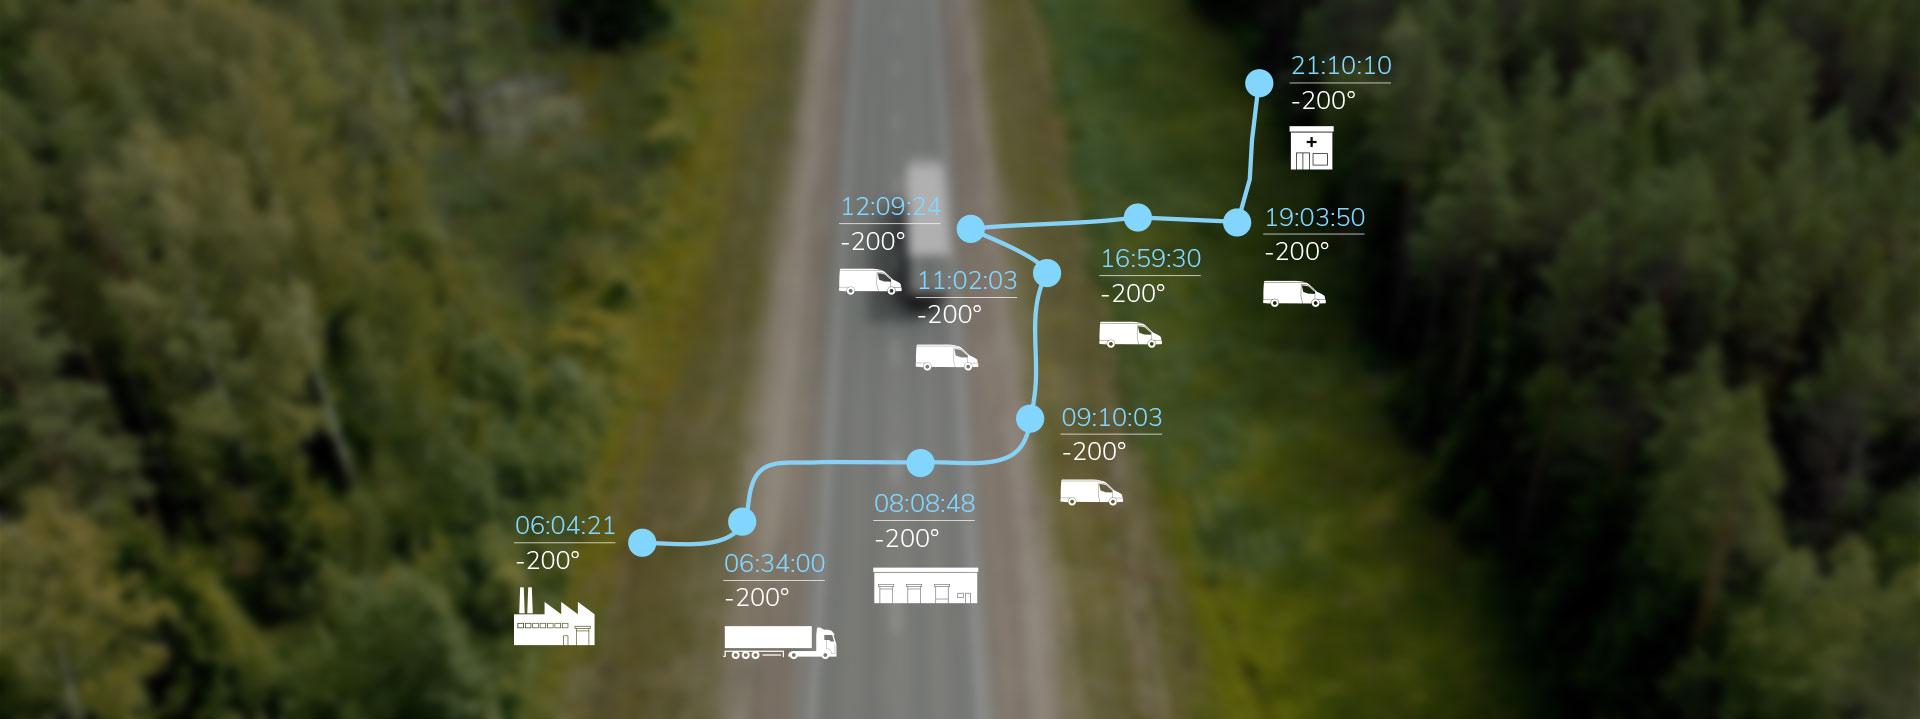 Temperature monitoring transportation